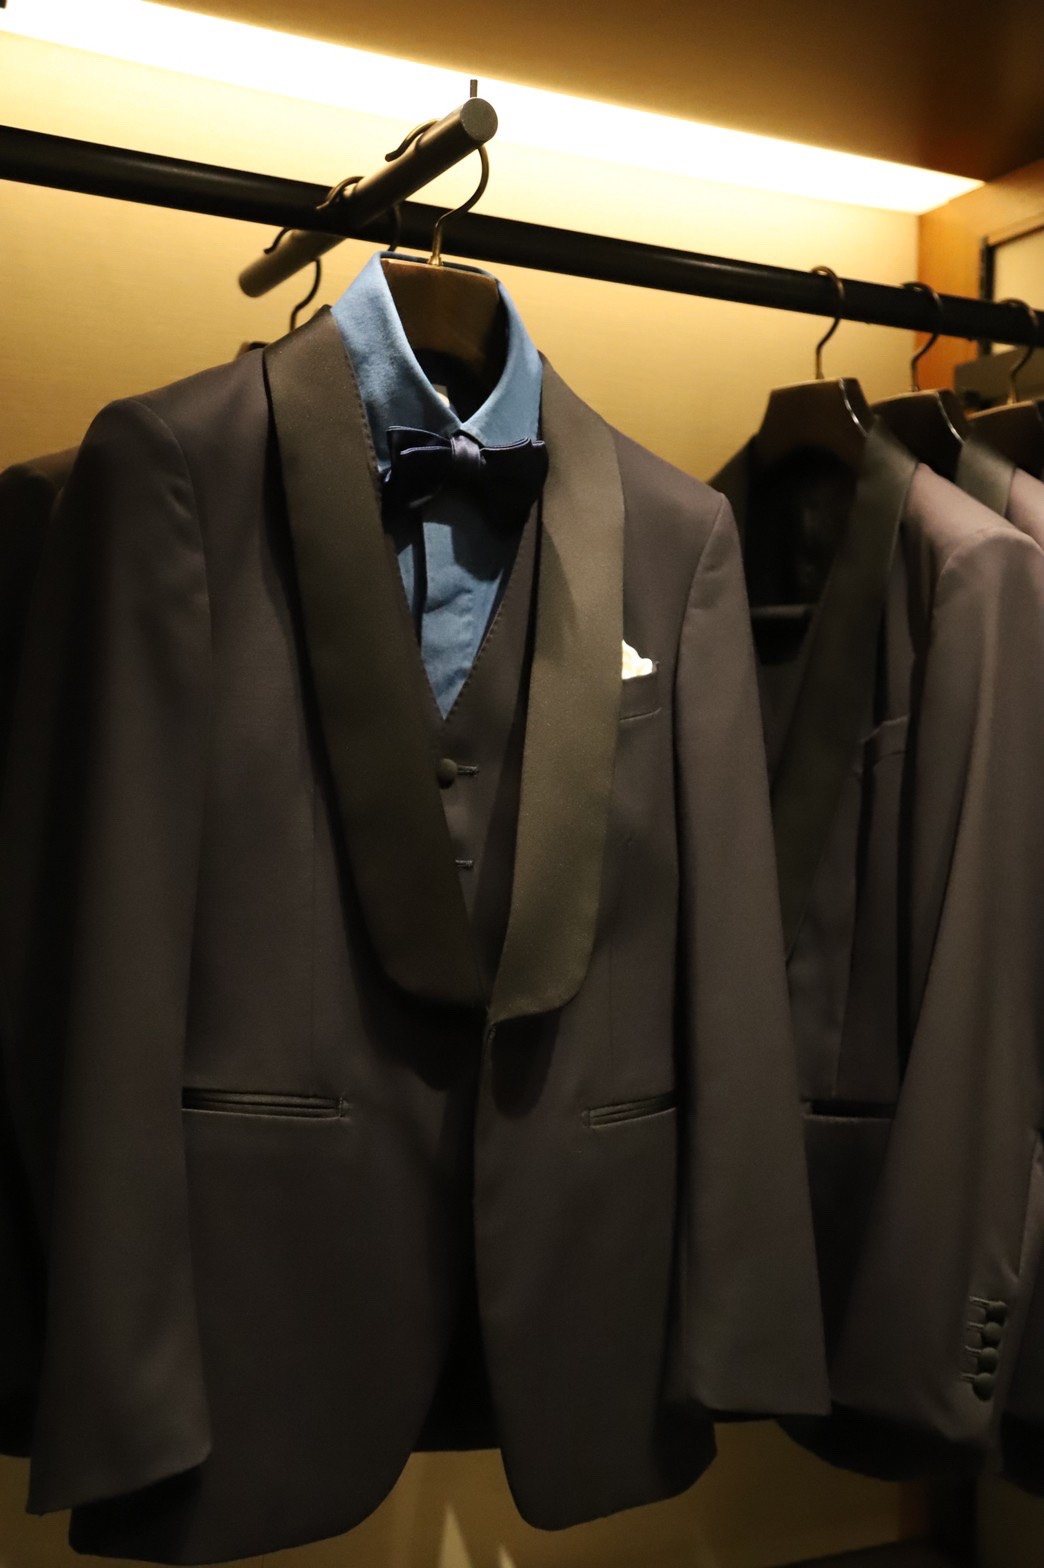 トリートドレッシング大阪店では、ブラックタキシードだけでなくミッドナイトブルーのタキシードの取り扱いもございます。男性的でモダンなスタイルを演出できます。その他にお色直しでお召いただけるカジュアルウェアの取り扱いもございます。